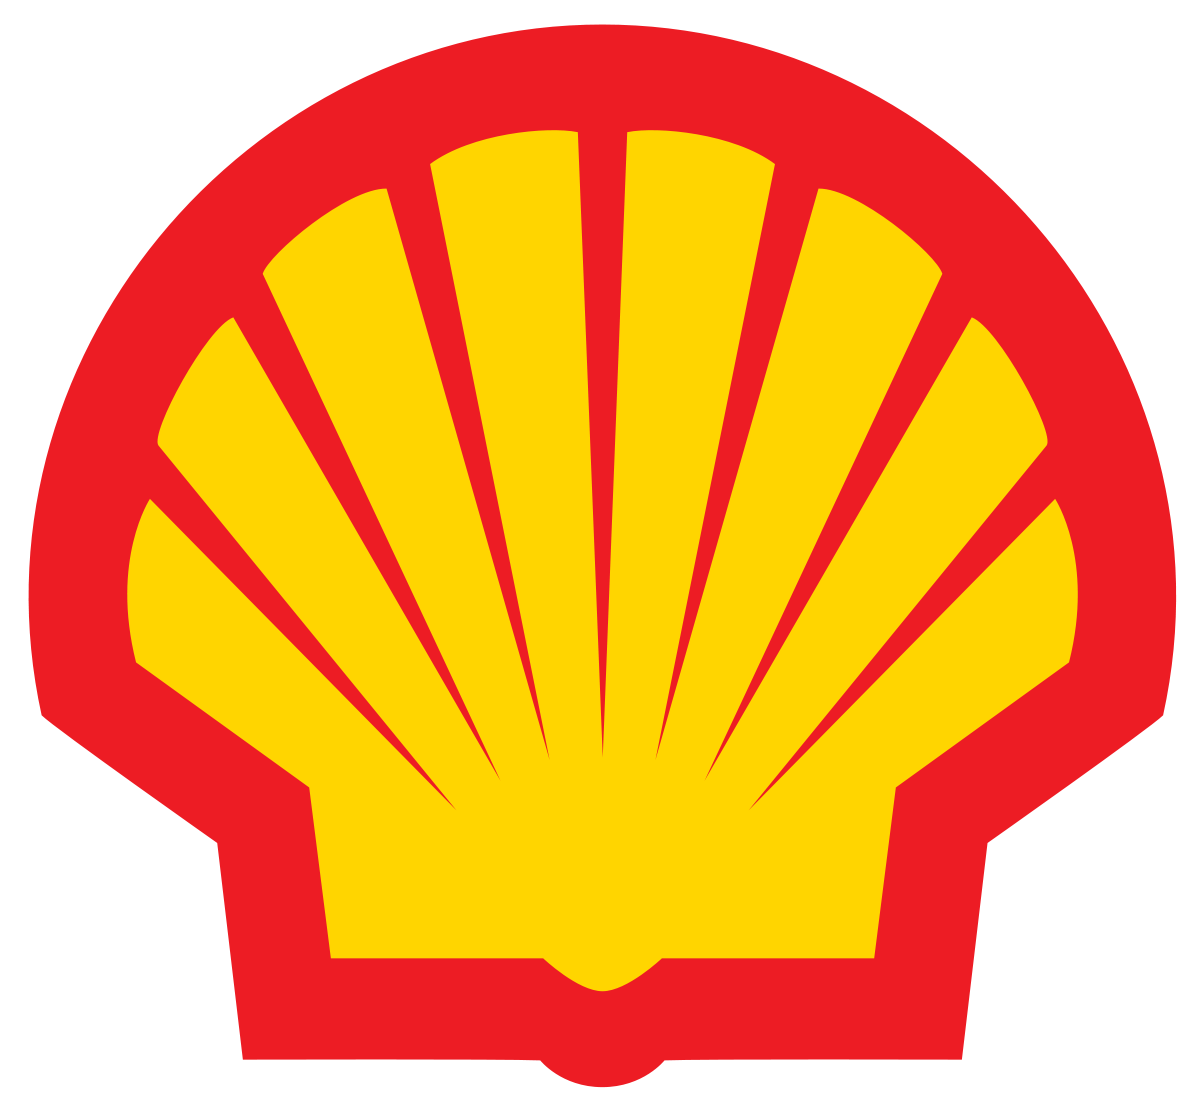 Shell Oil Company.